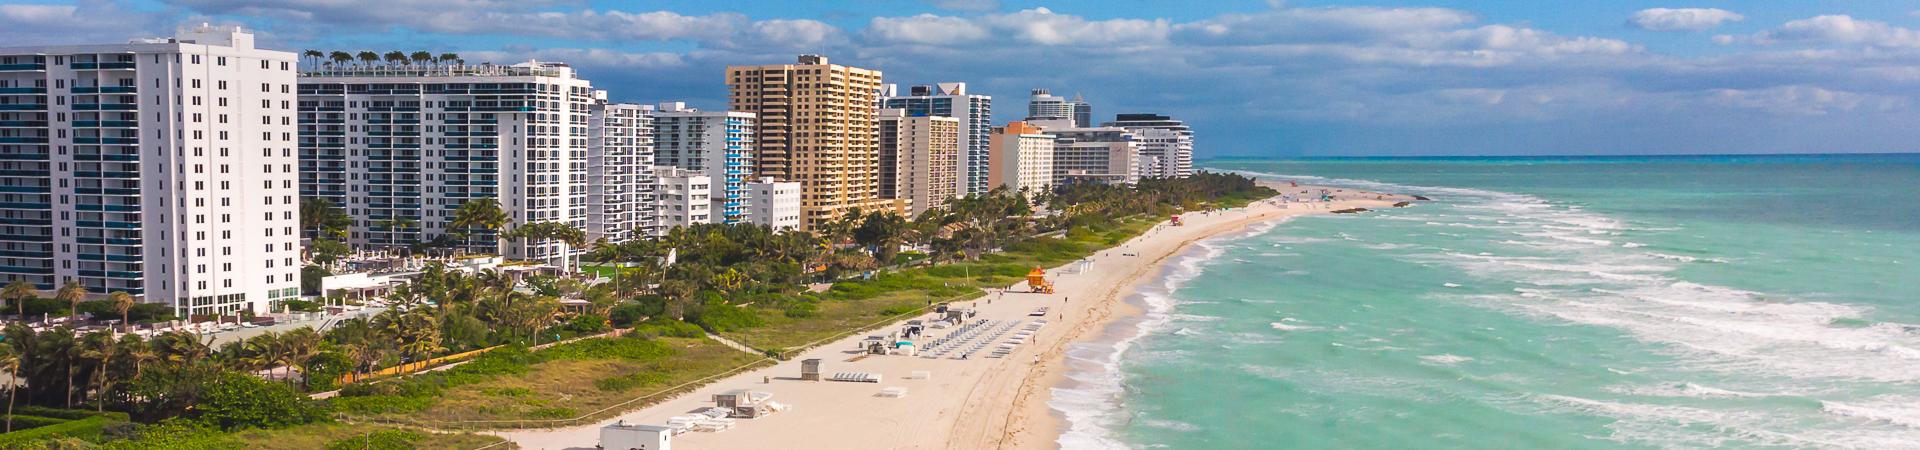 Dania Beach, FL skyline and beach